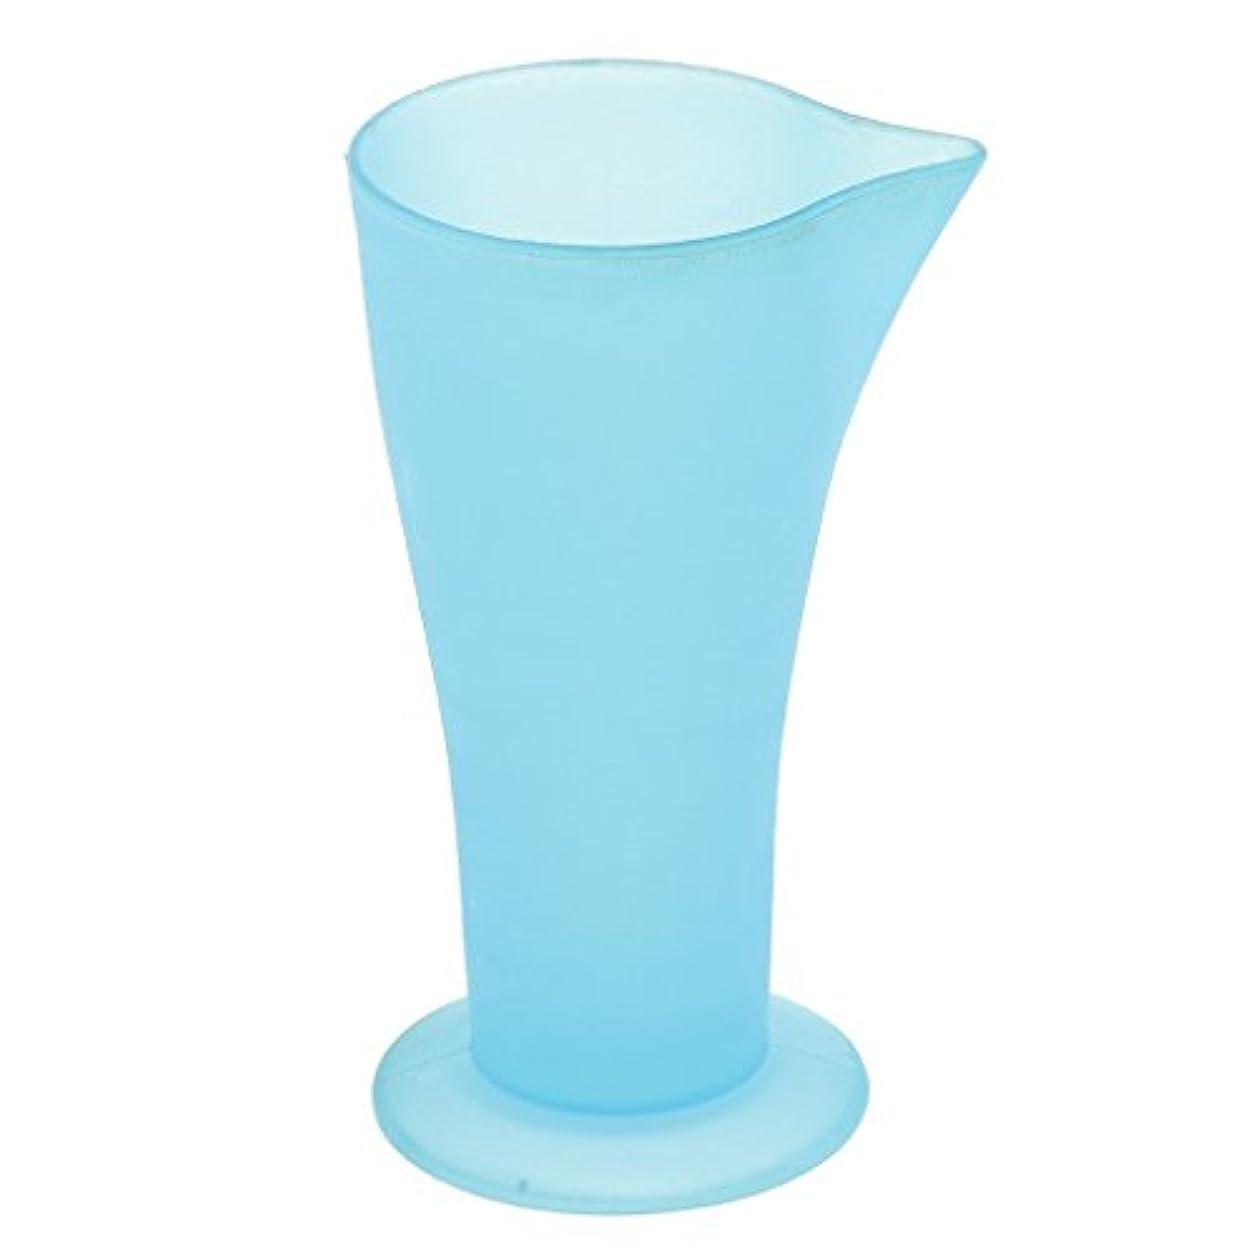 縫うスノーケルええヘアダイ容器 計量カップ 白髪染め ヘアカラ 再使用可能 ブルー